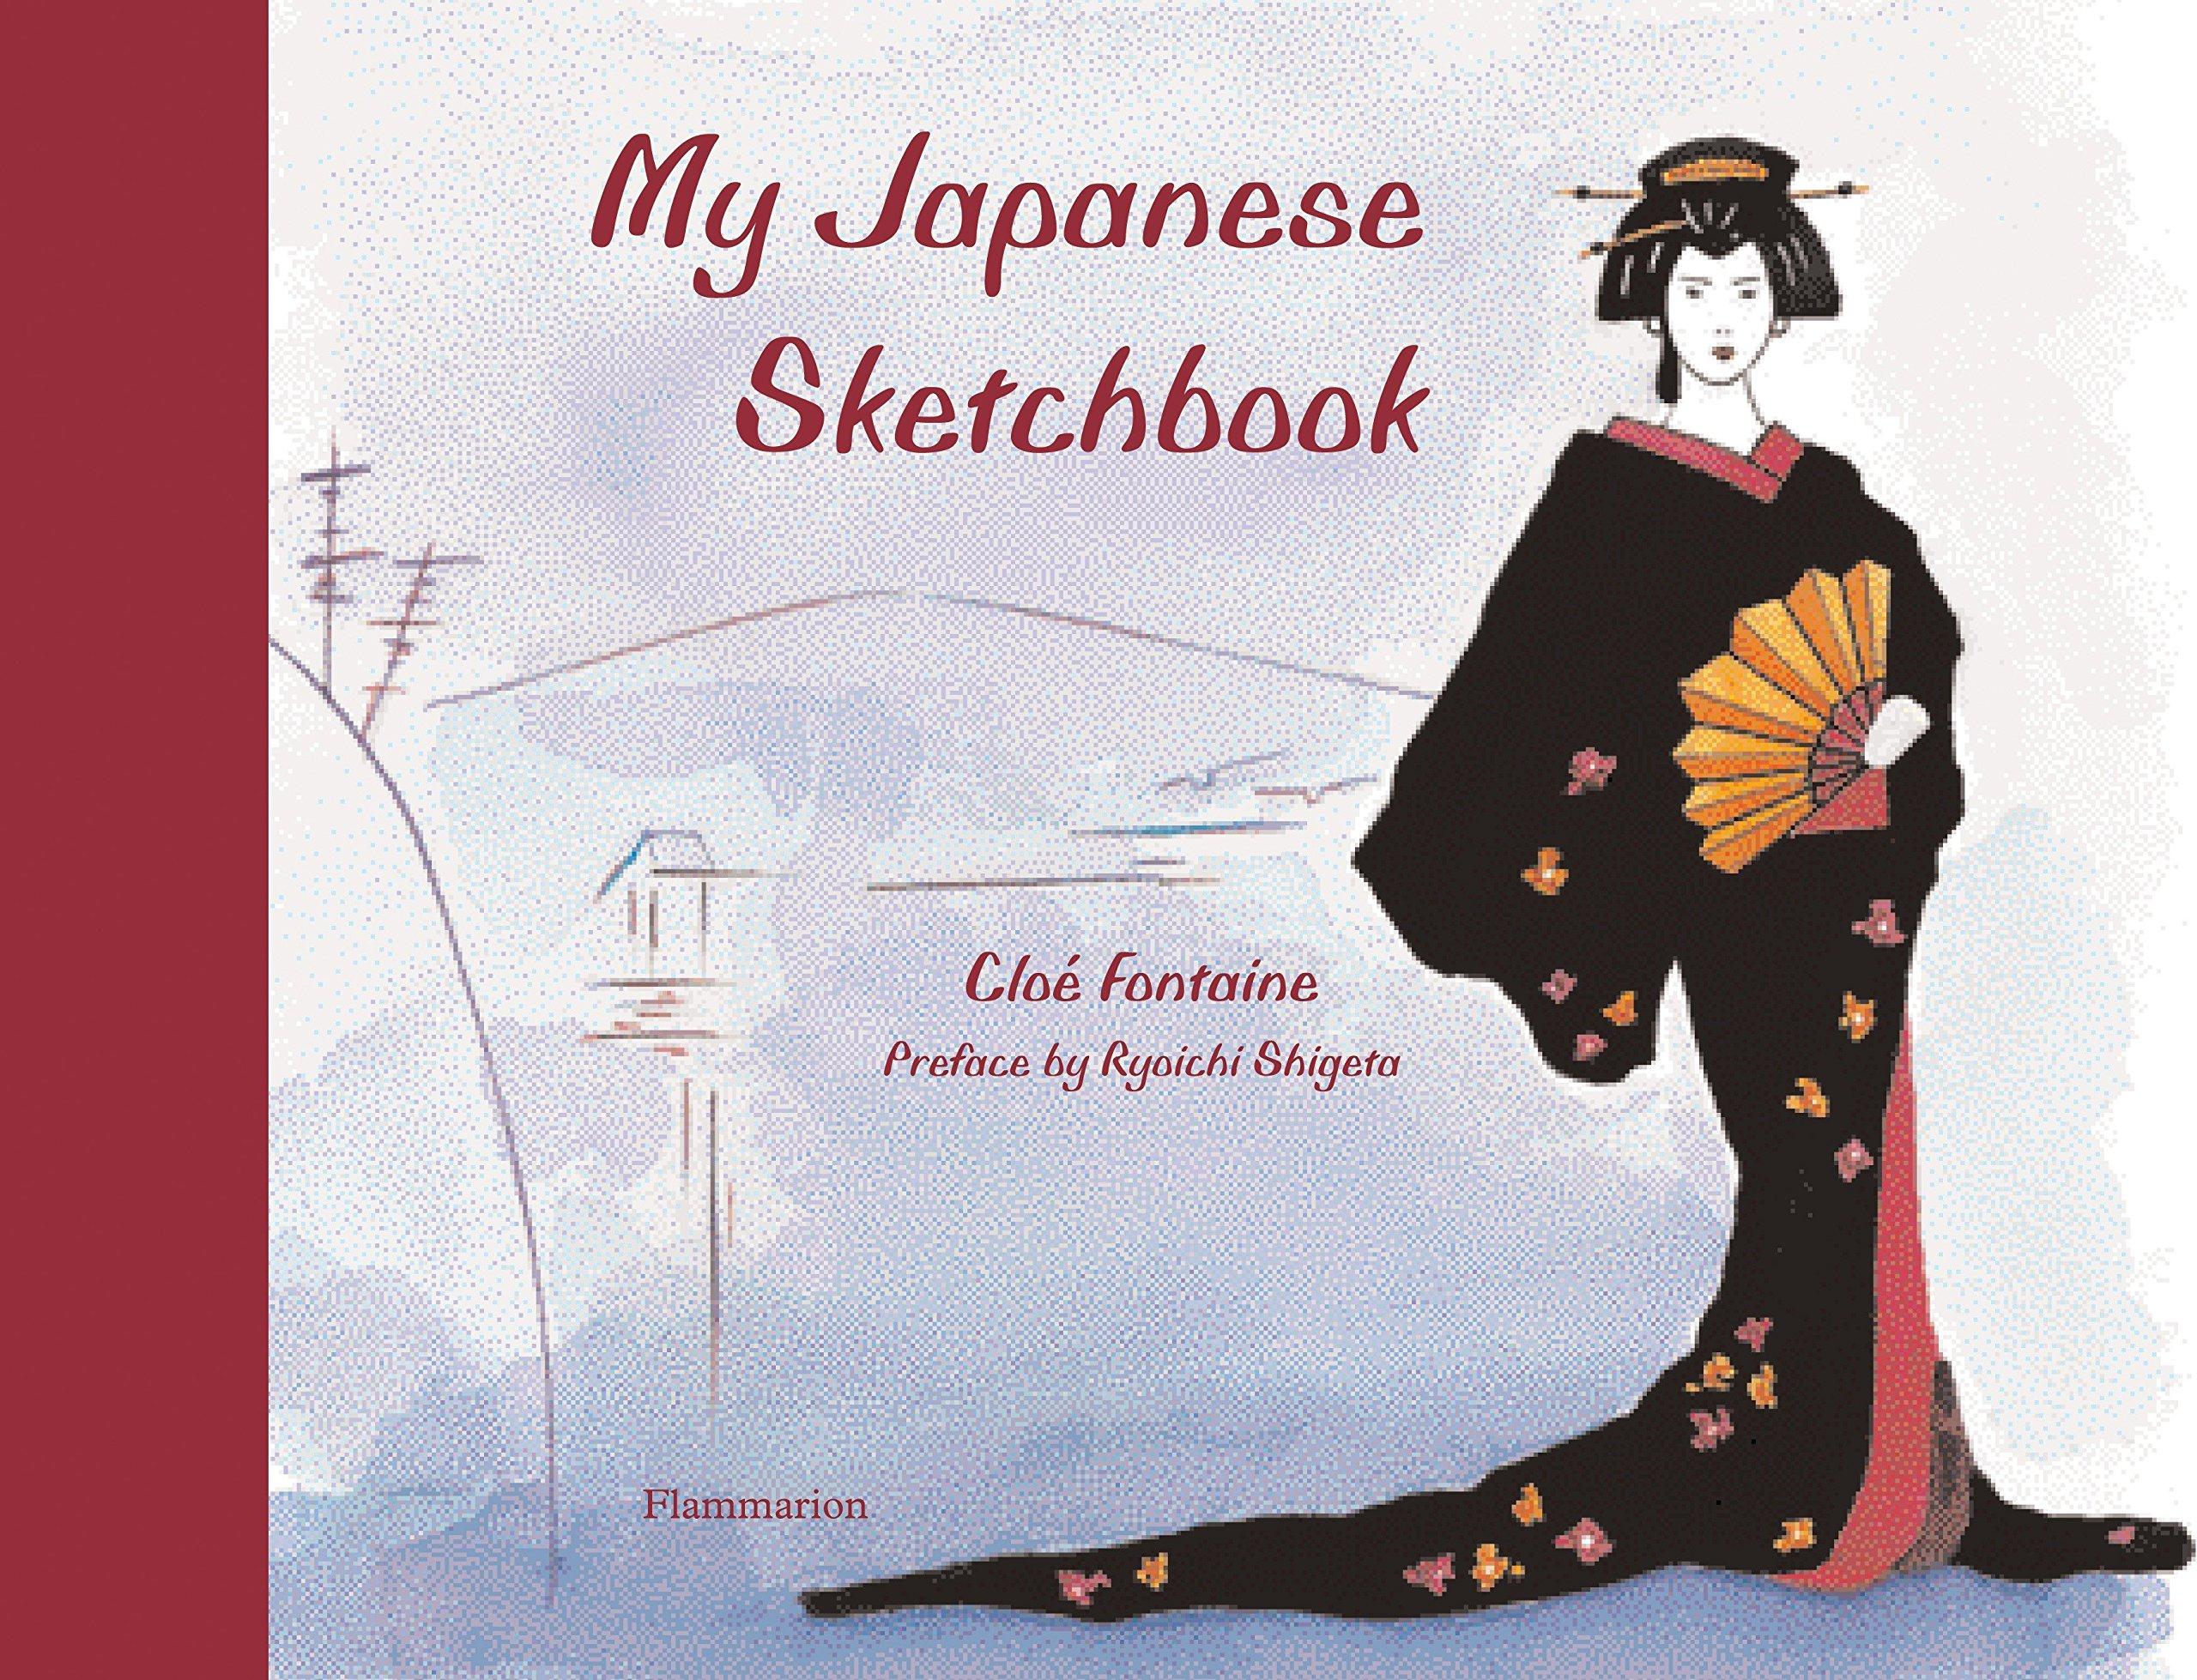 My Japanese Sketchbook